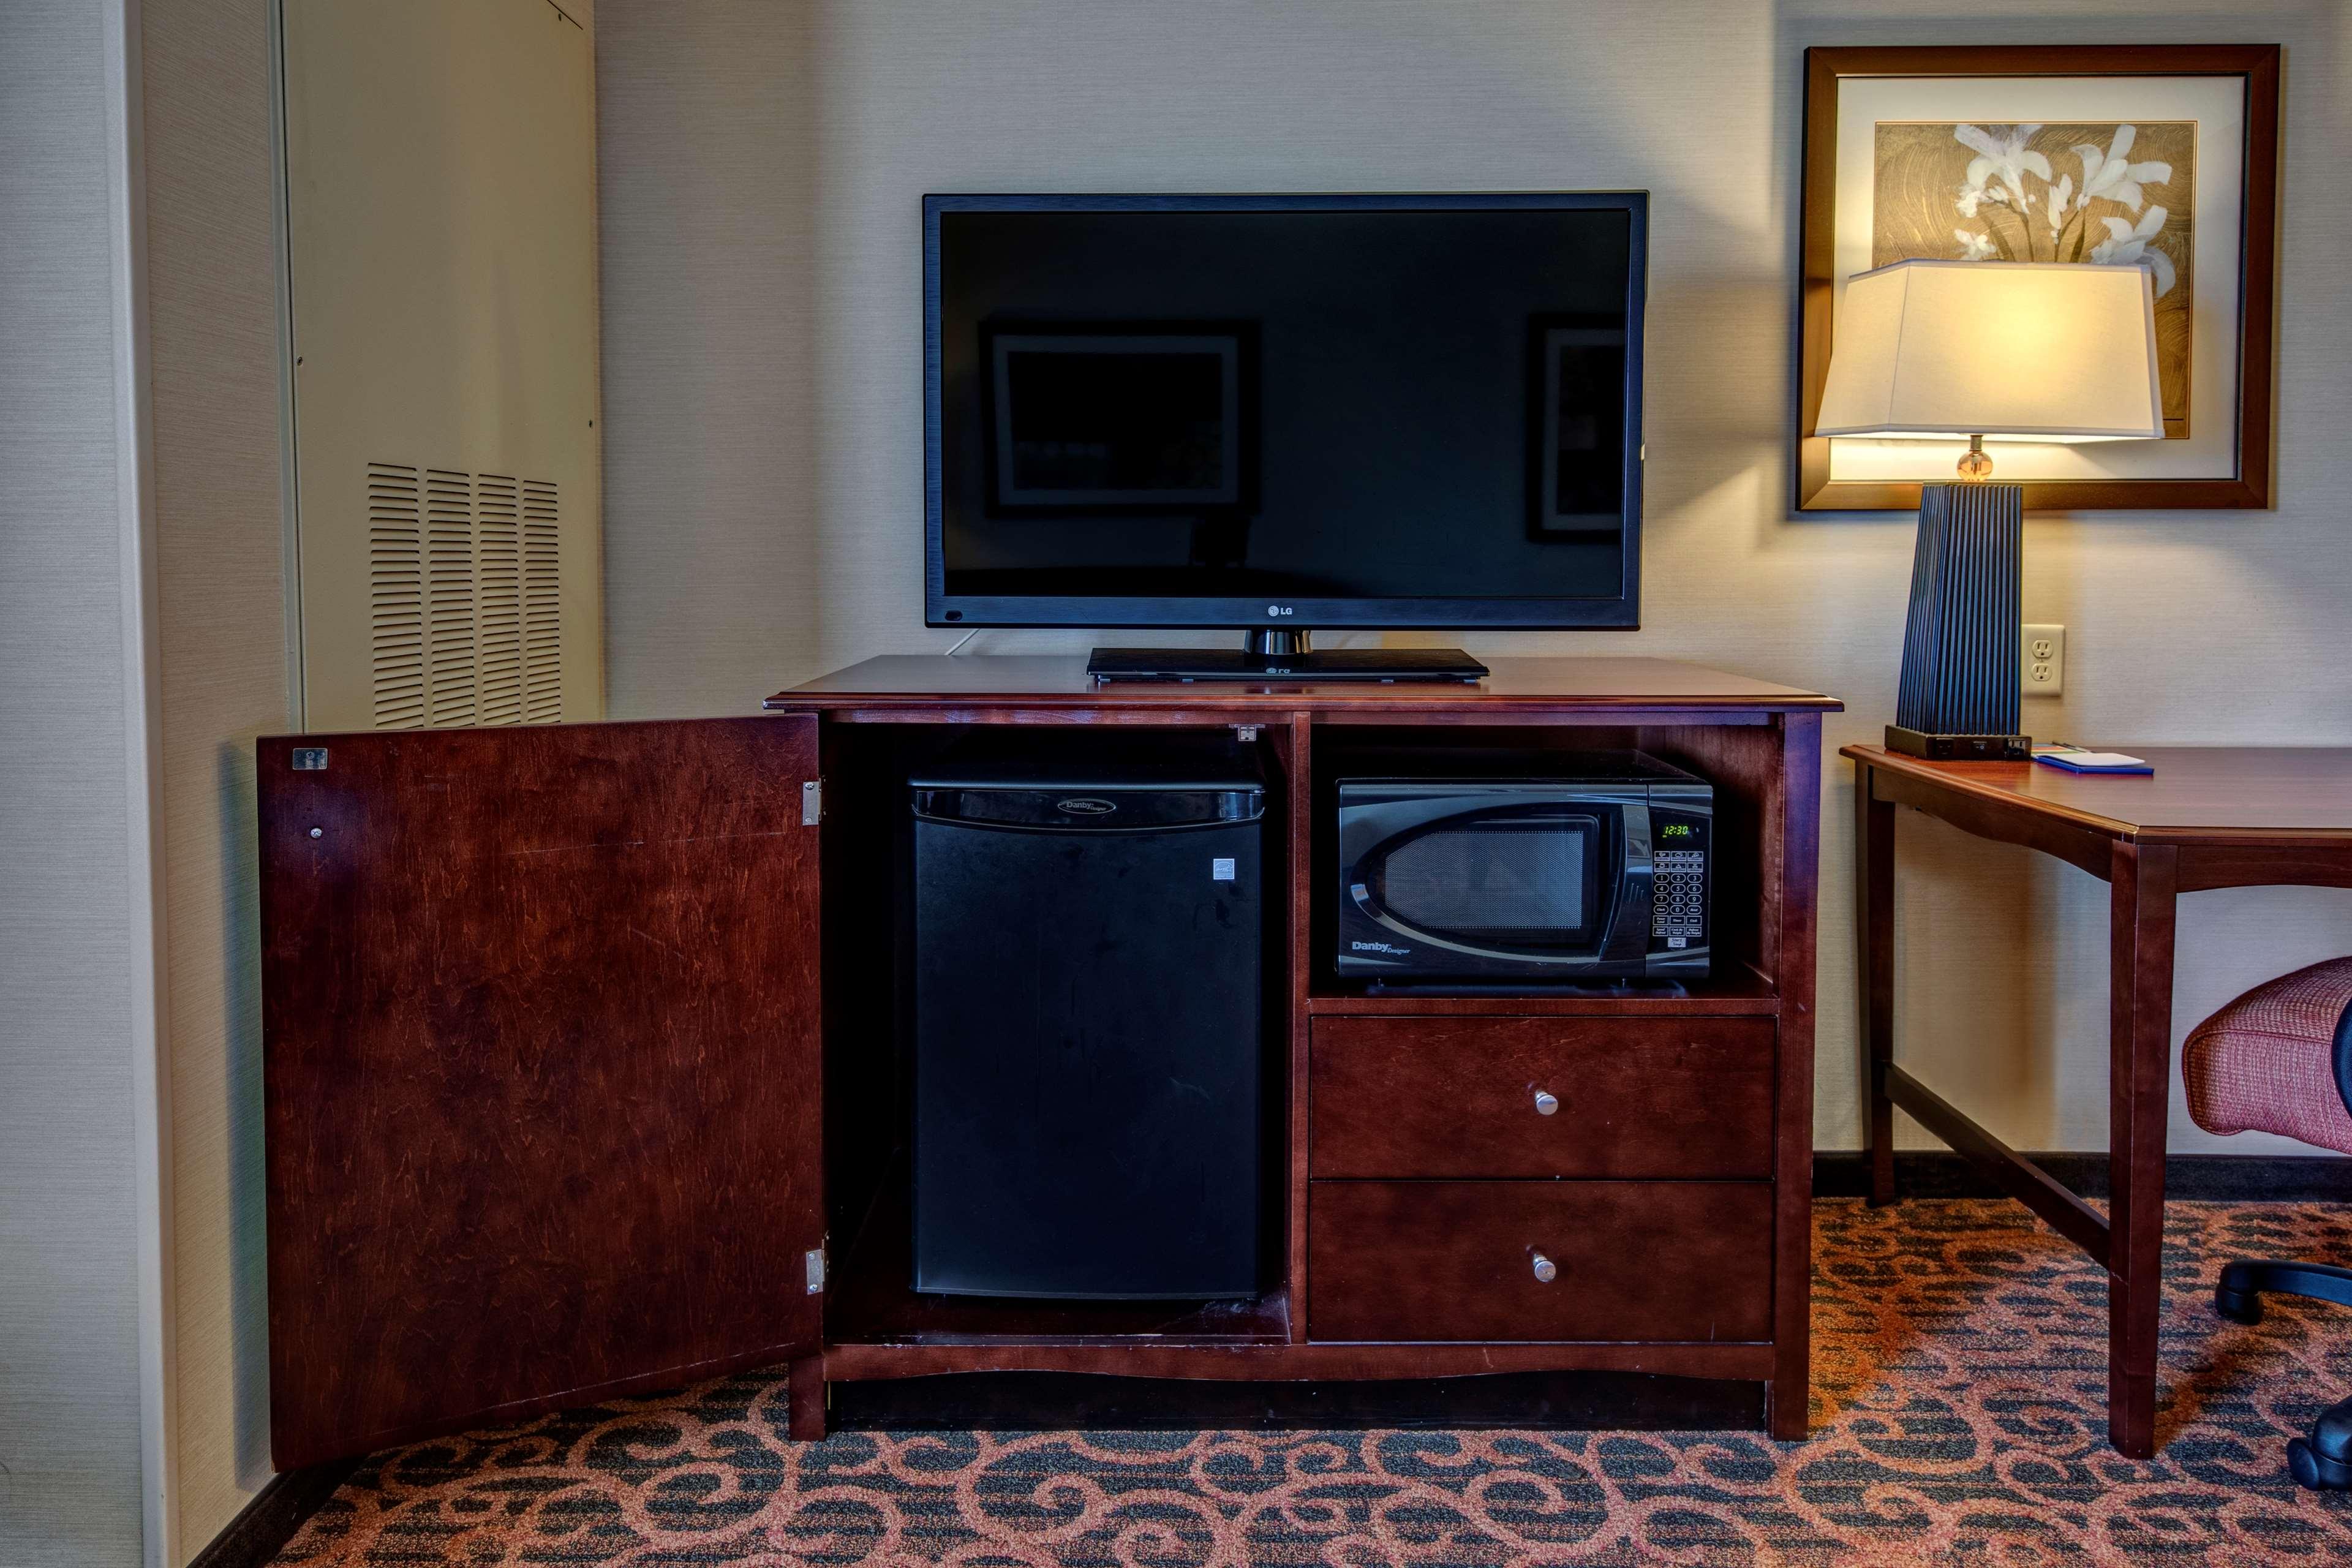 Hampton Inn Suites Minneapolis St Paul Arpt-Mall of America image 10